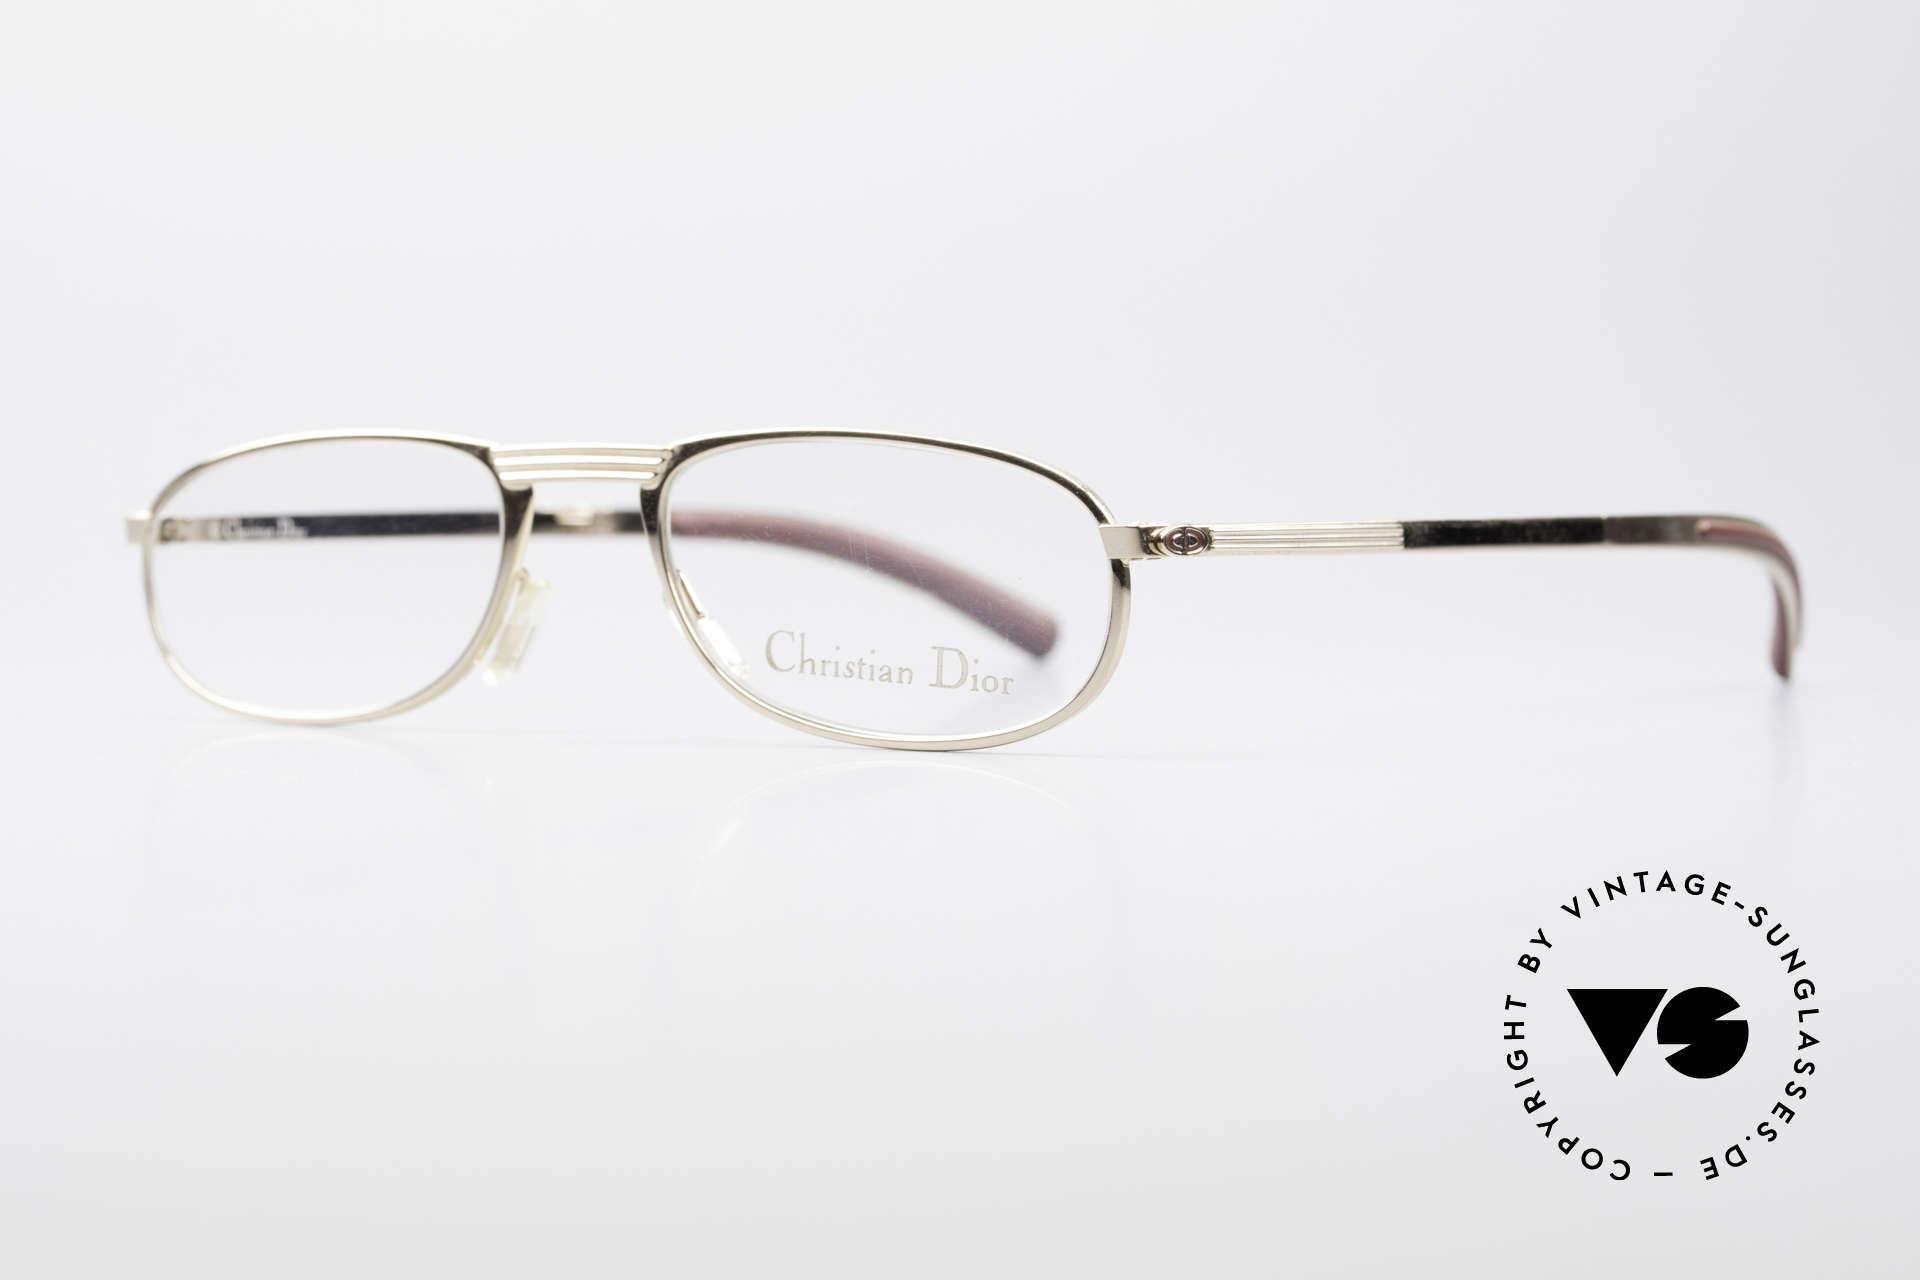 Christian Dior 2727 Vintage Designer Lesebrille, hergestellt um 1988 in Österreich; Top-Qualität, Passend für Herren